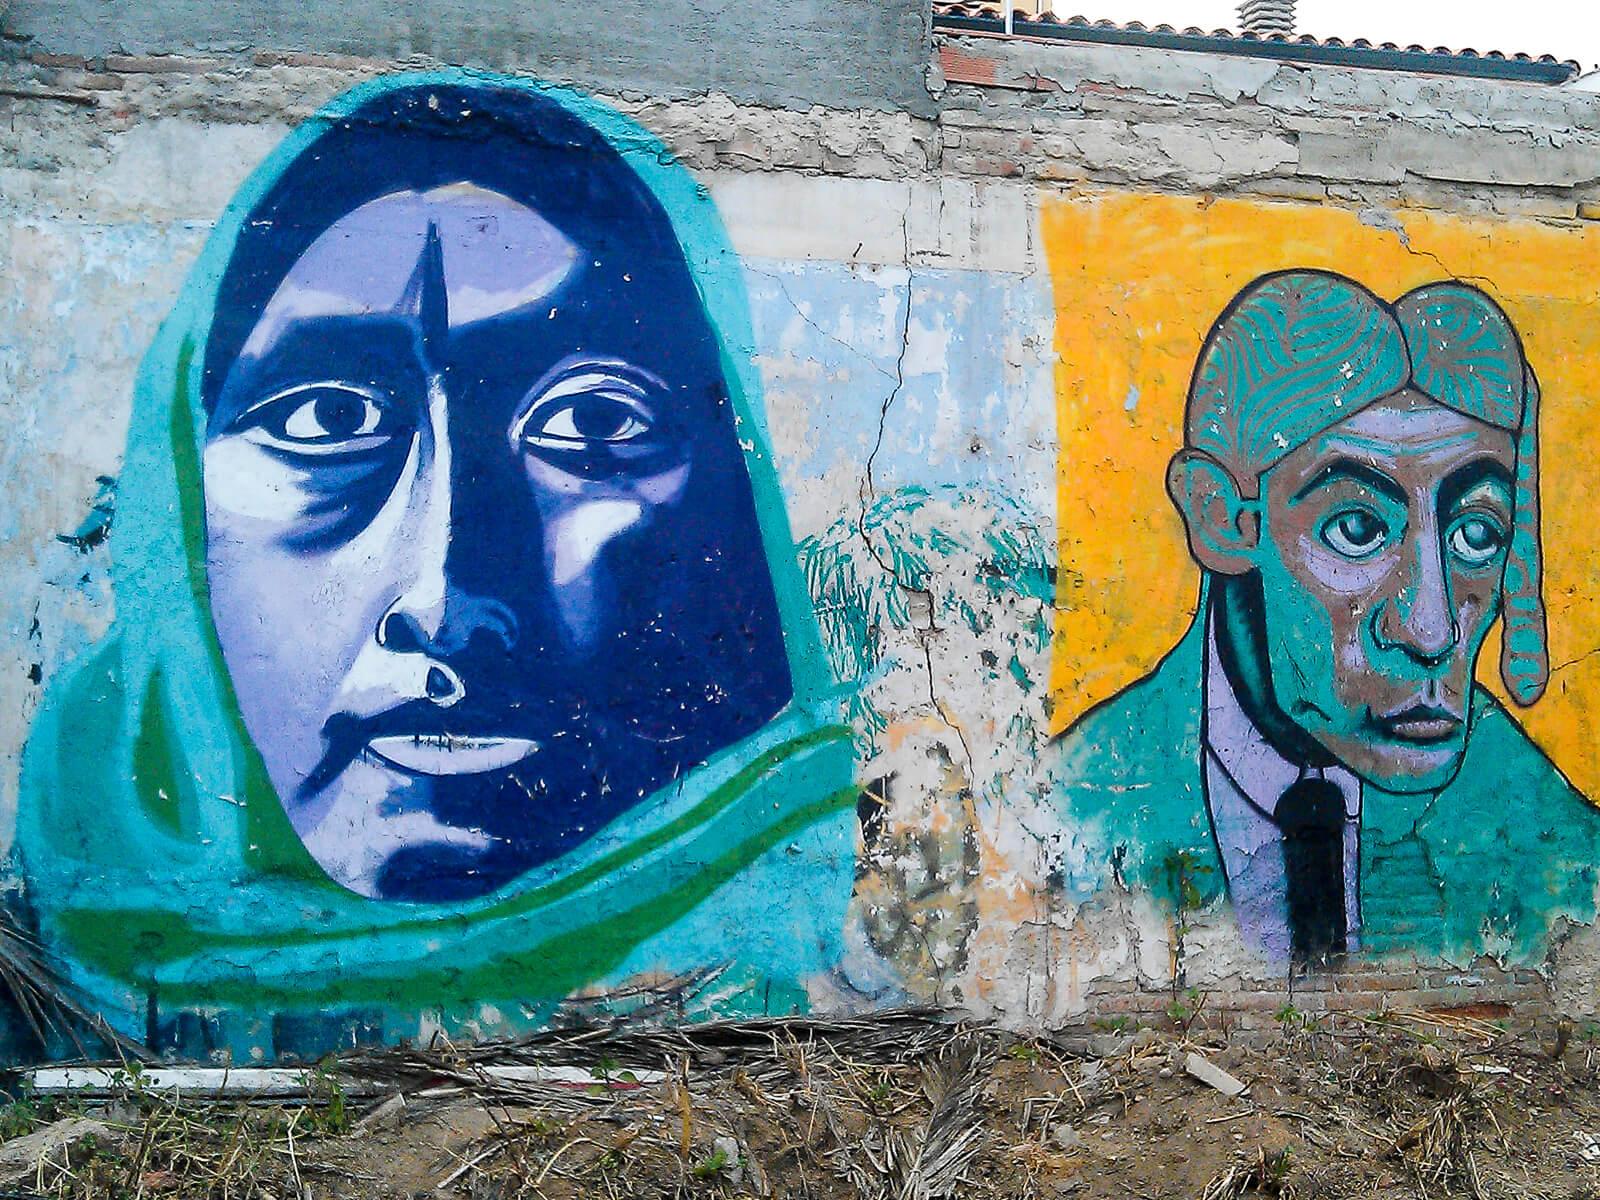 Barcelona Street Photography, blue face woman, green headscarf, street art mural